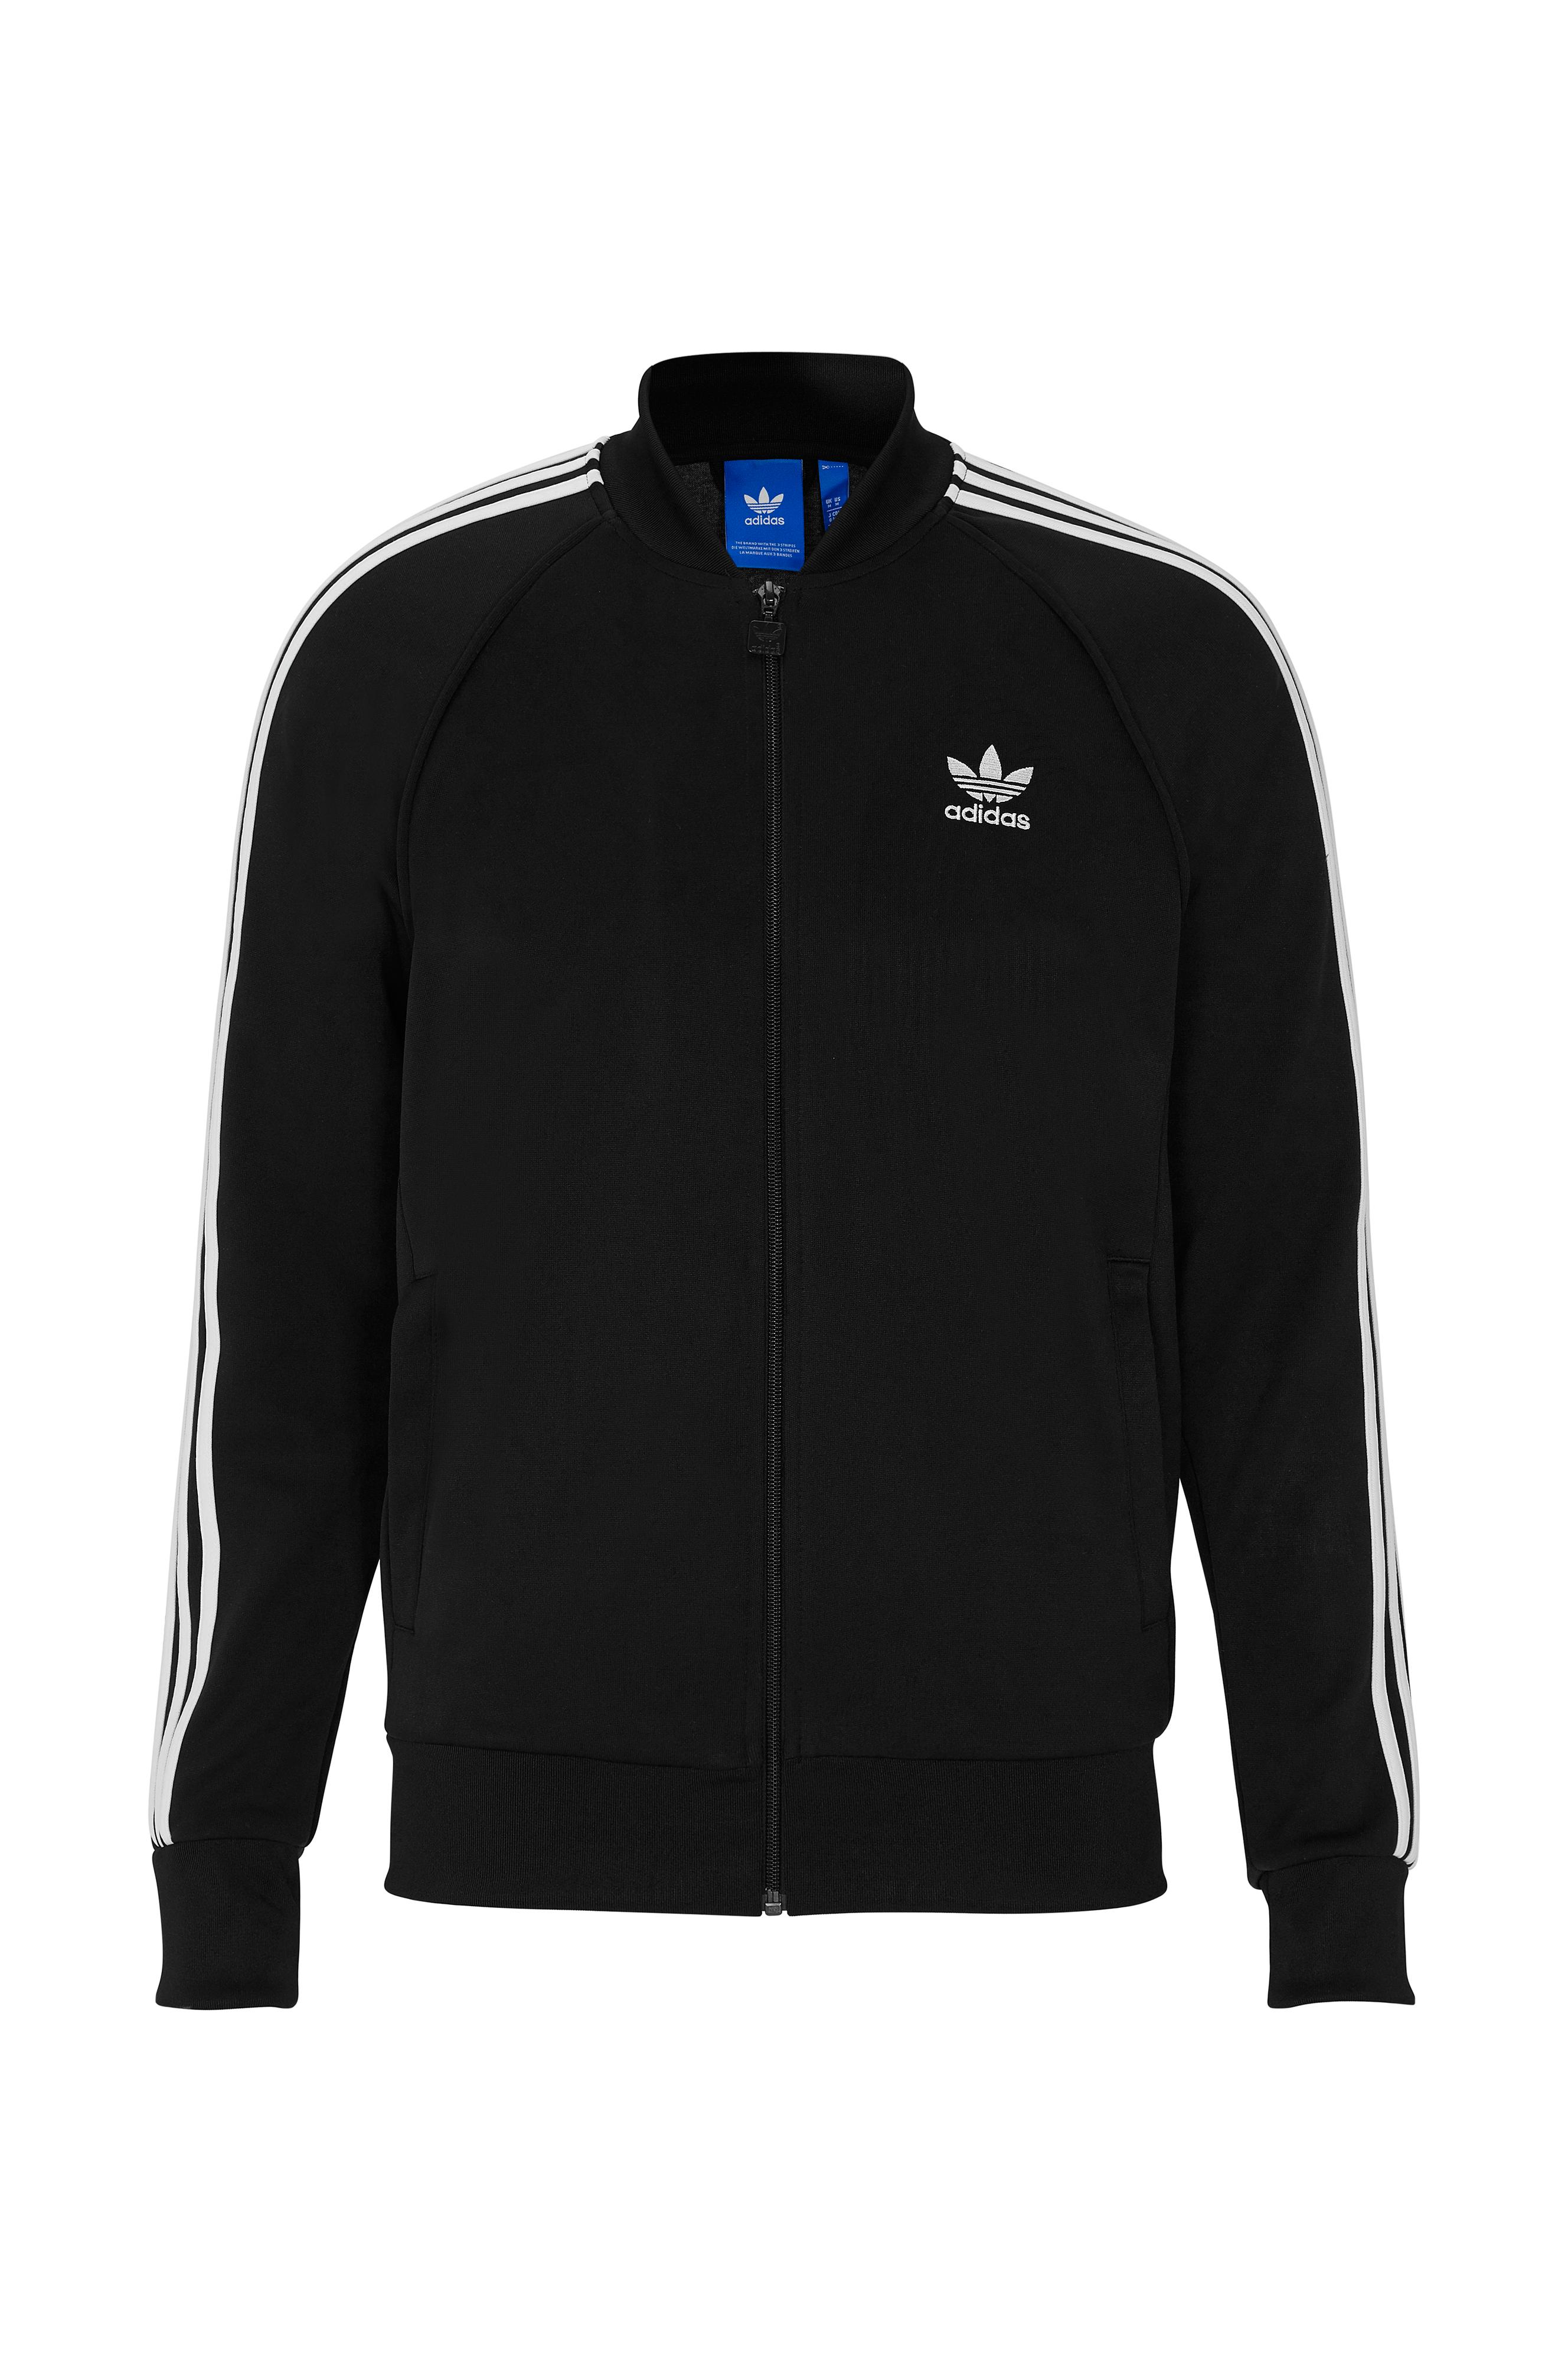 a0b98b6c adidas Originals WCT-jakke SST TT - Svart - Herre - Ellos.no